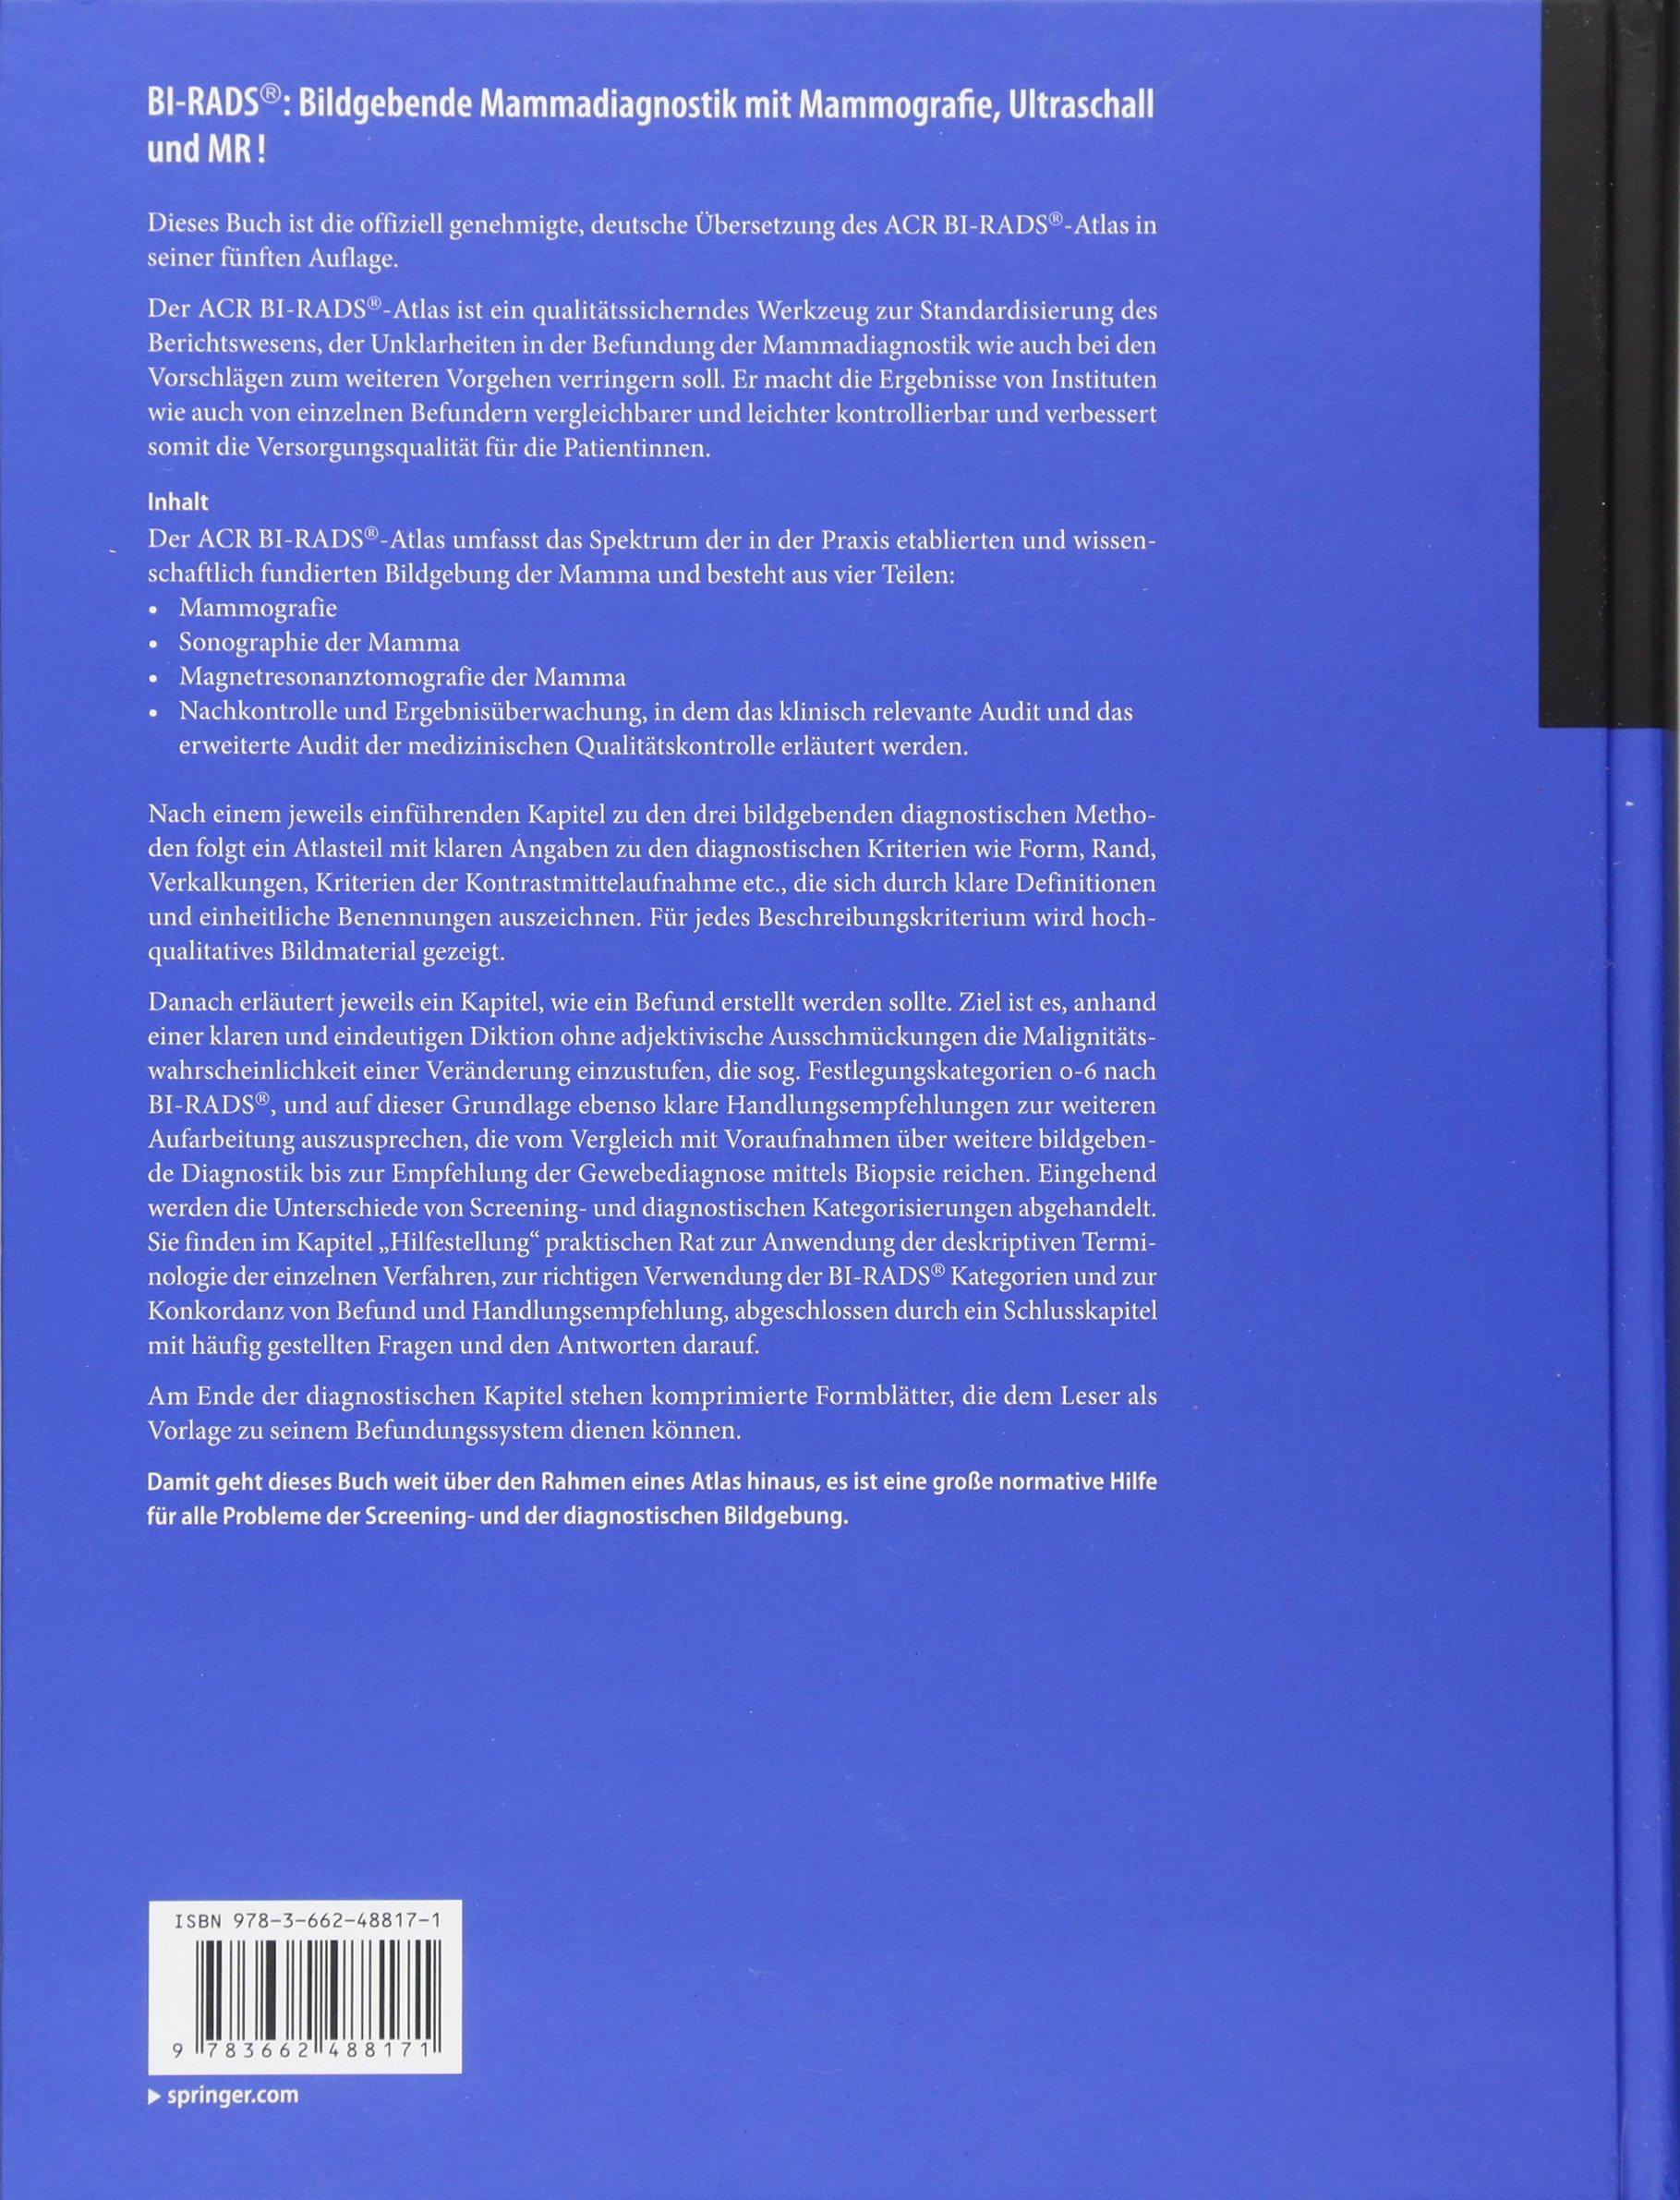 ACR BI-RADS®-Atlas der Mammadiagnostik: Richtlinien zu Befundung ...